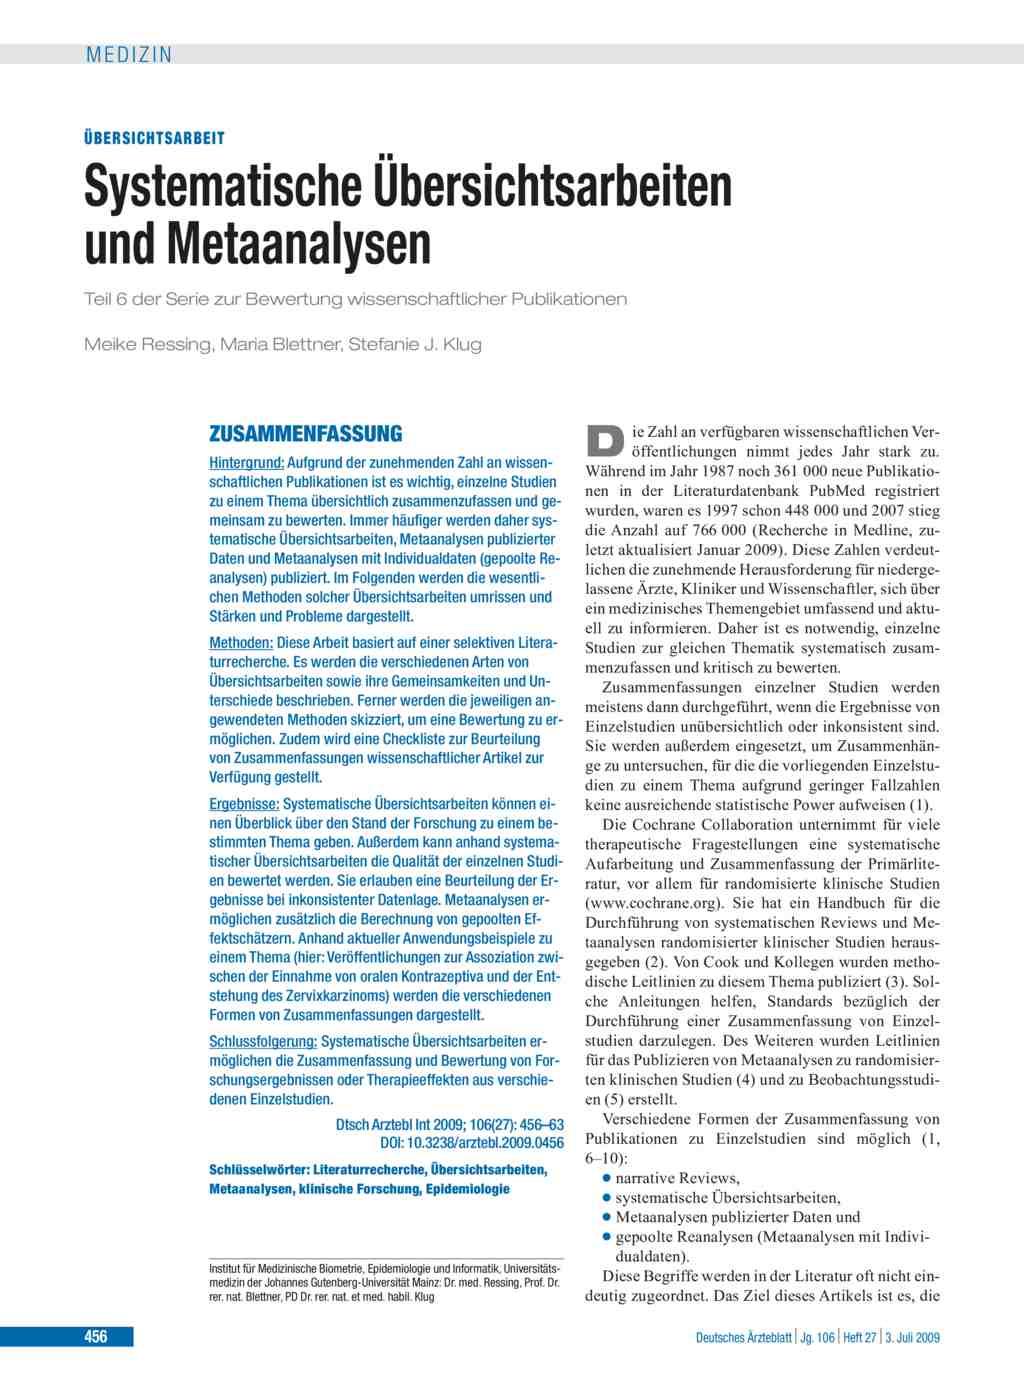 Systematische Ubersichtsarbeiten Und Metaanalysen